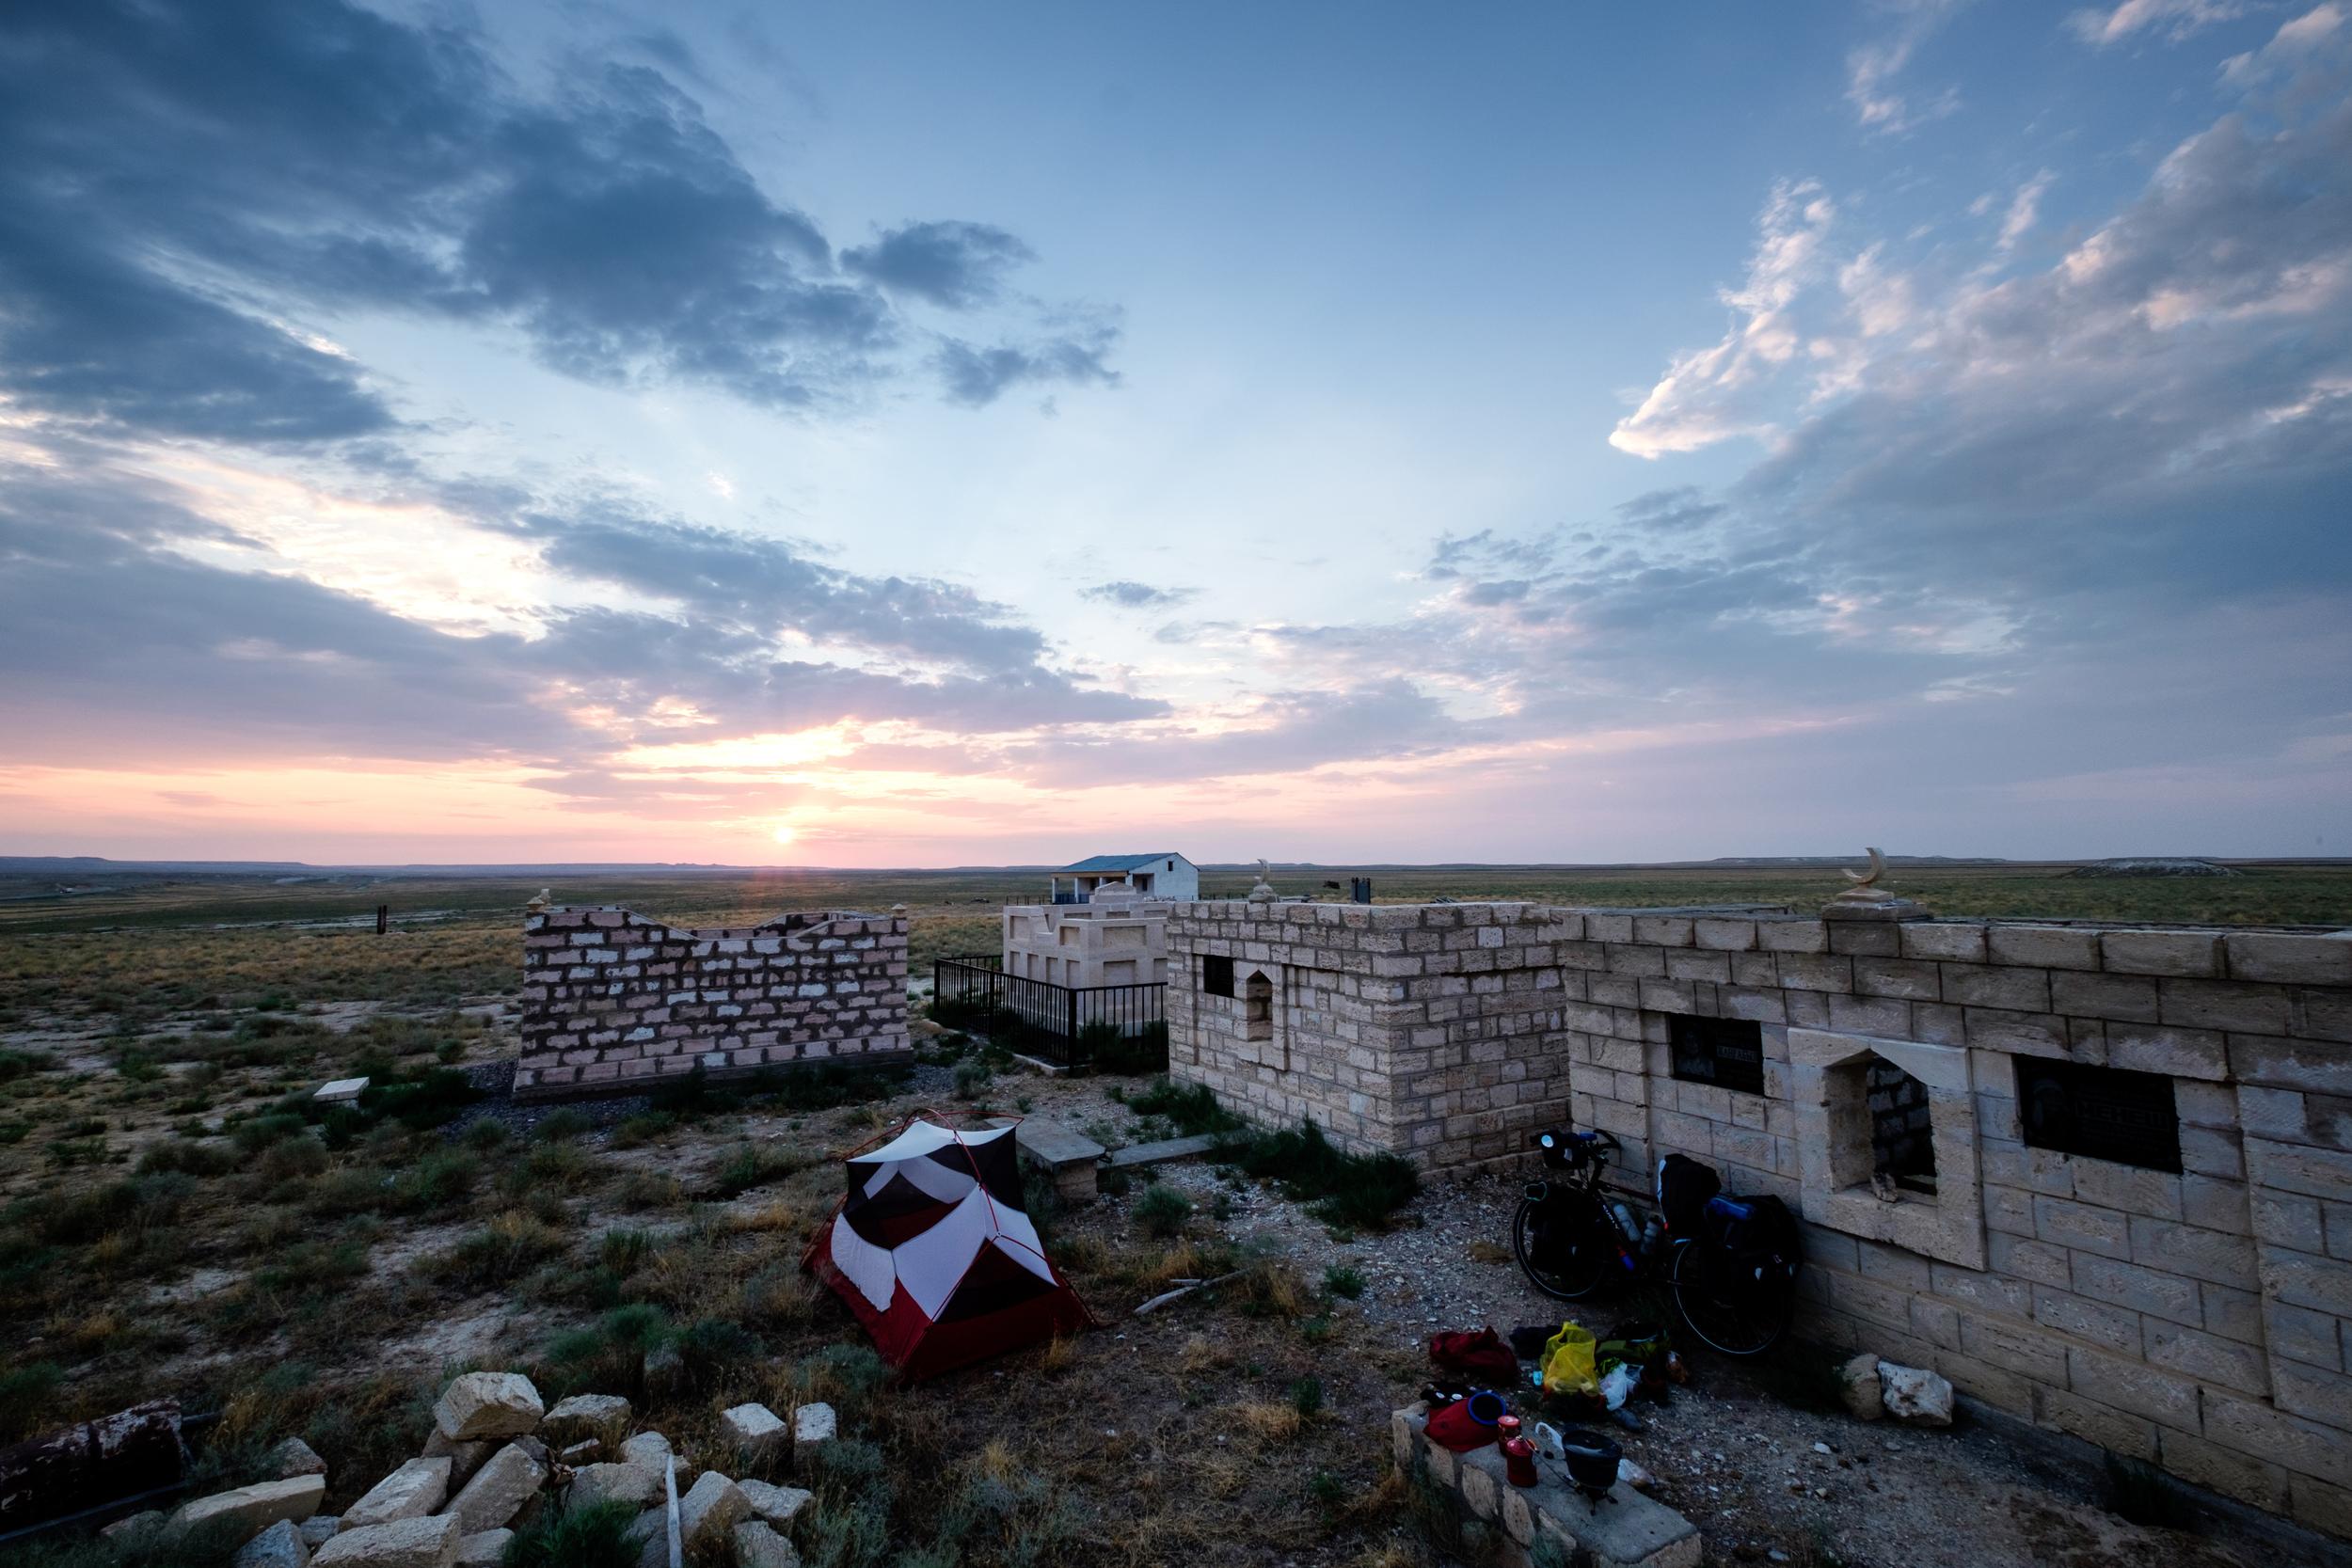 Camping dans un cimetière musulman.